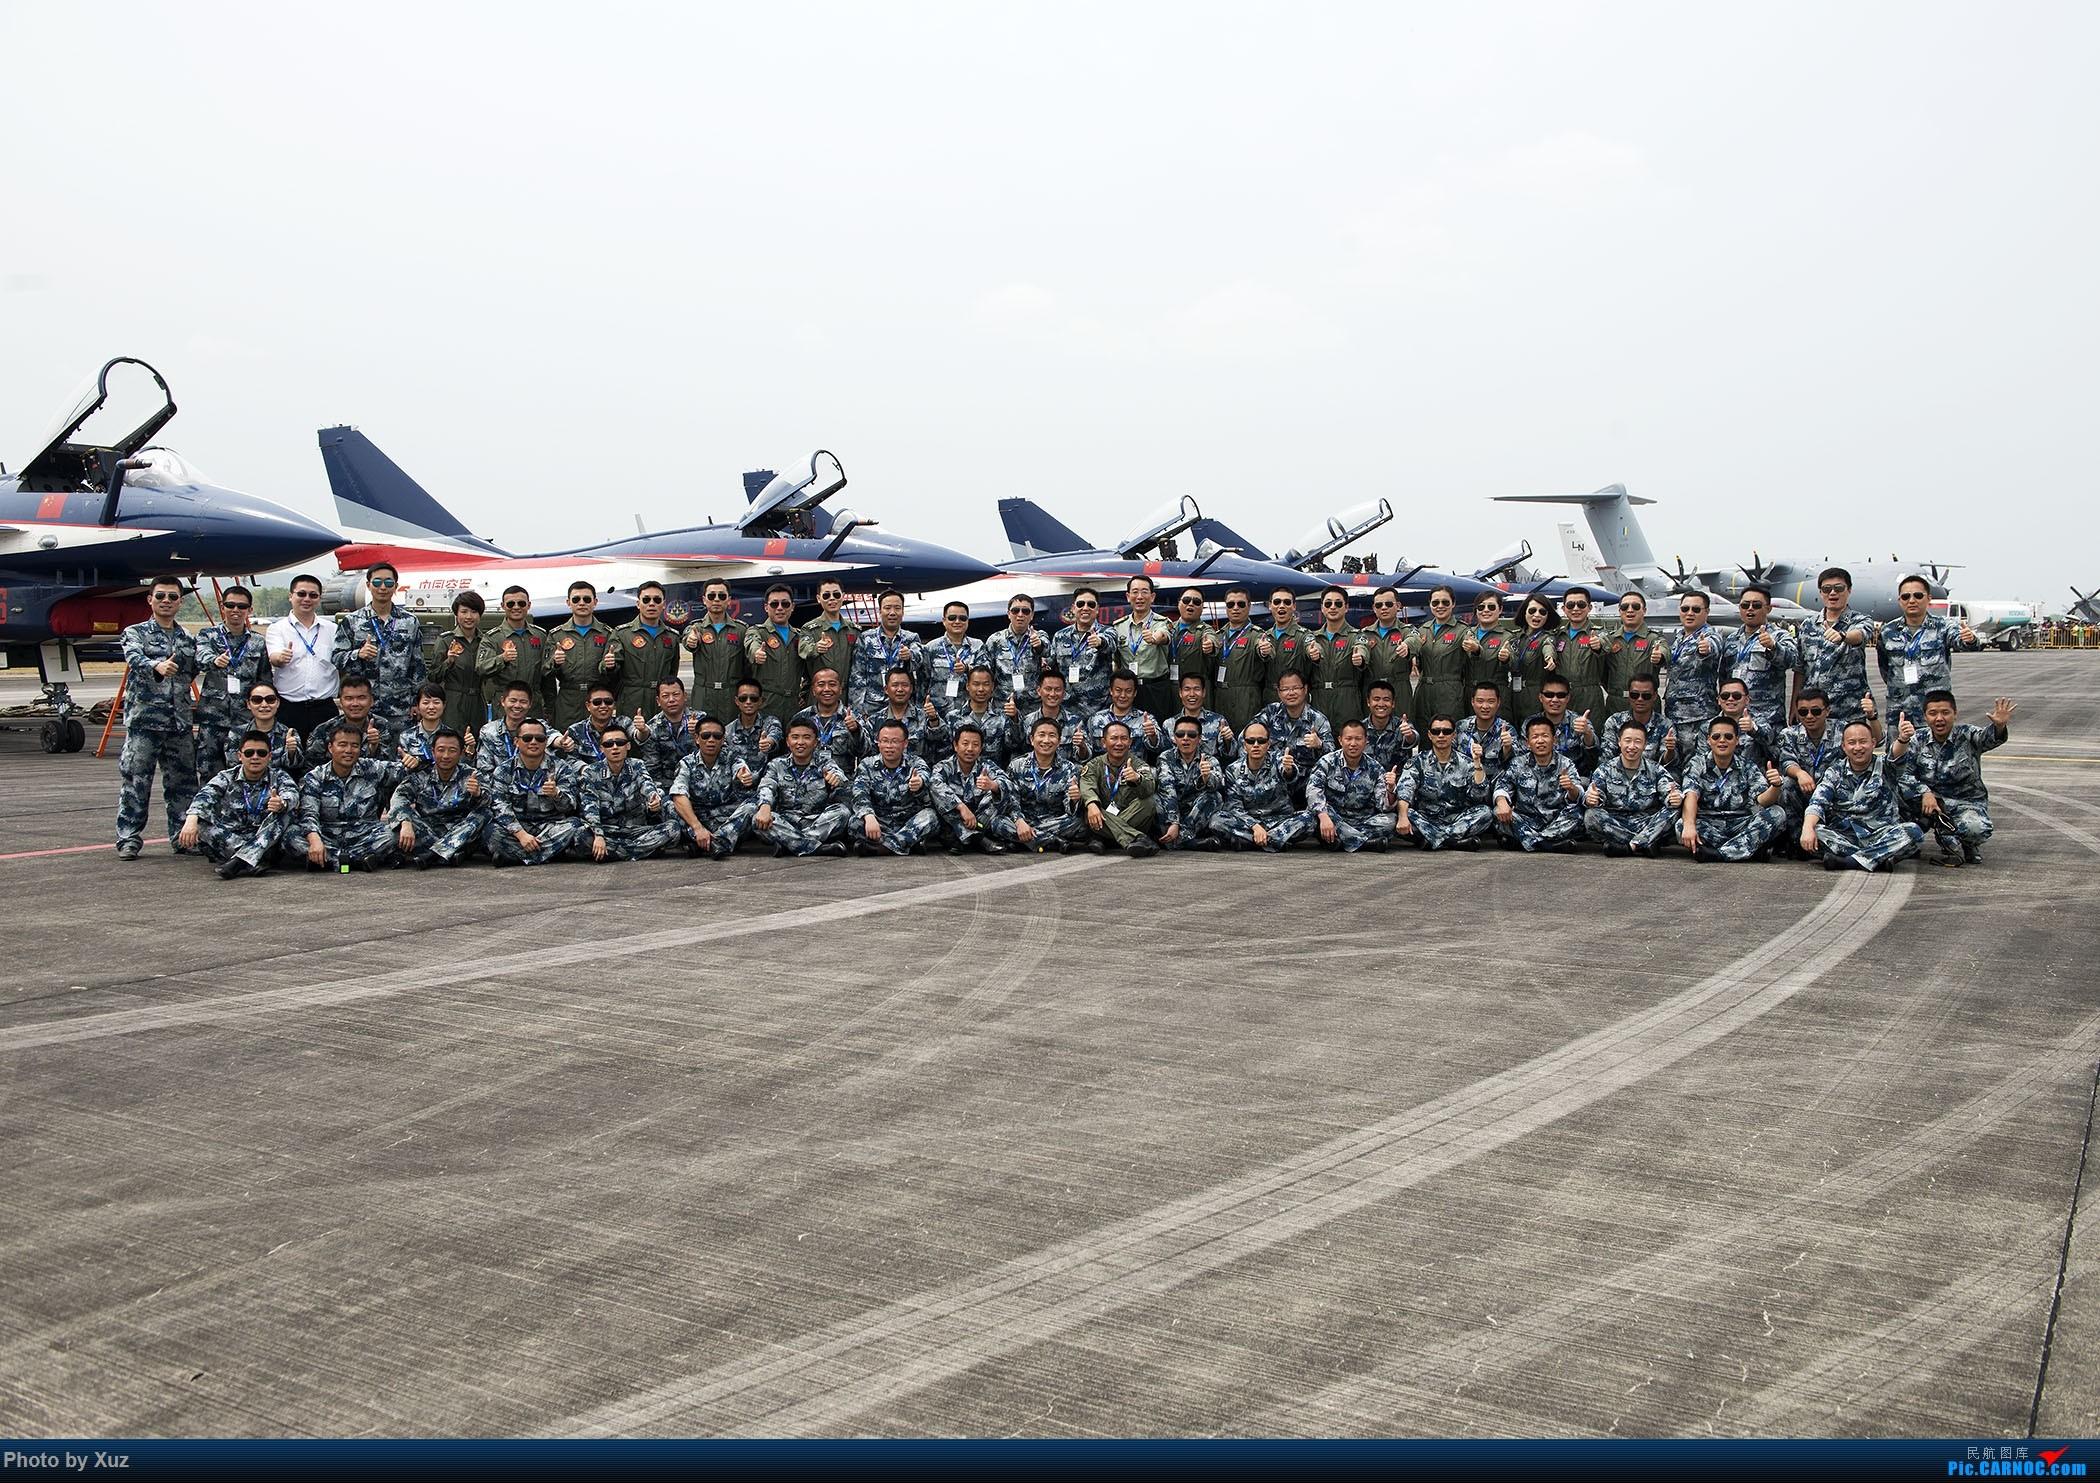 Re:[原创]LIMA'15 --民航资源网飞友在LIMA     八一飞行表演队全家福